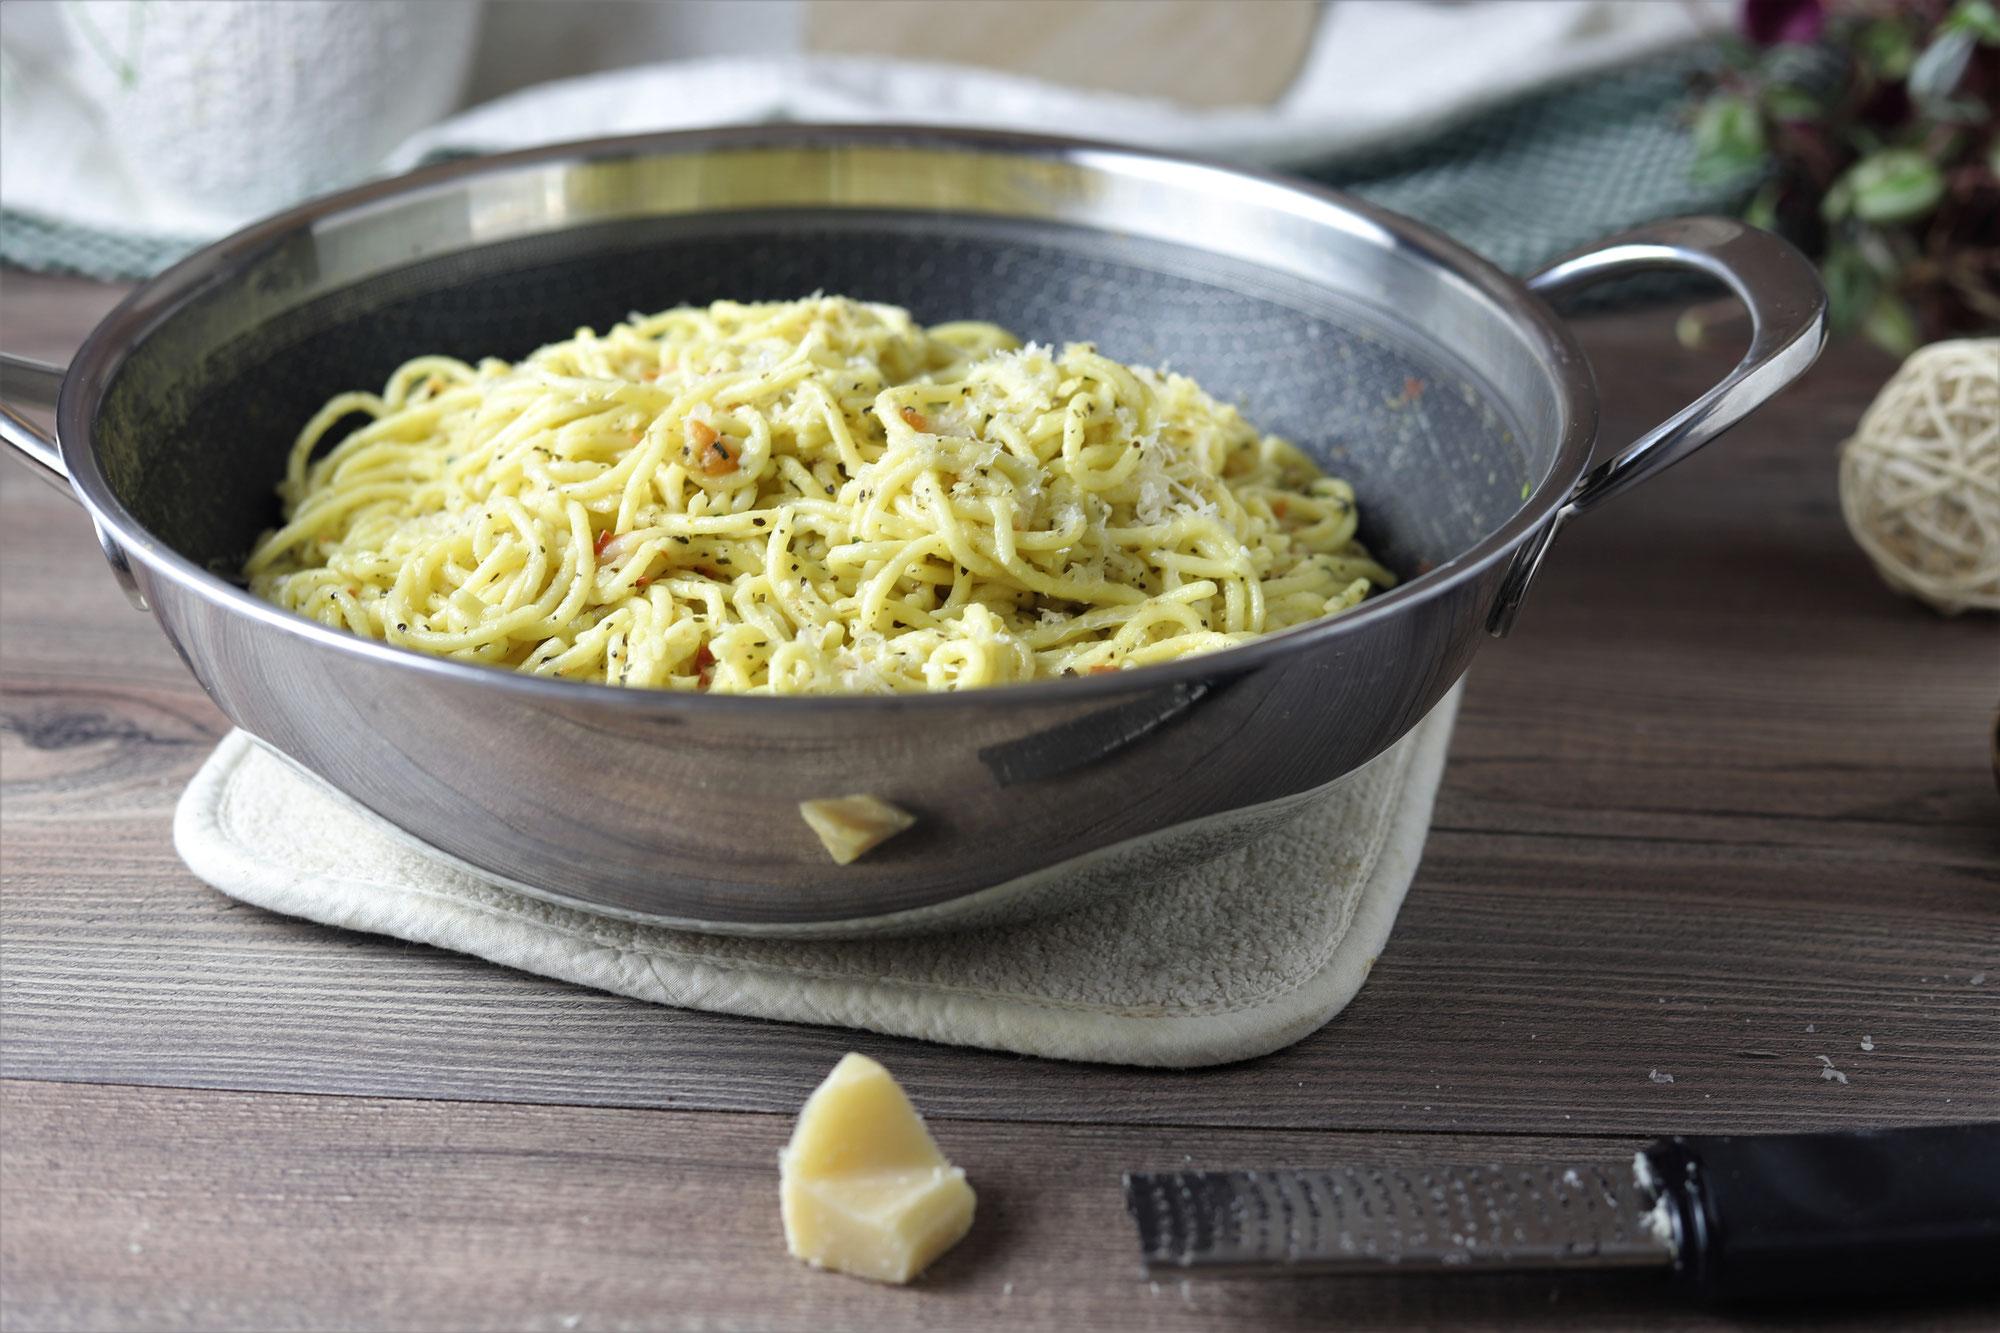 Spaghetti aglio e olio in der Edelstahl Antihaft-Wokpfanne von Pampered Chef®